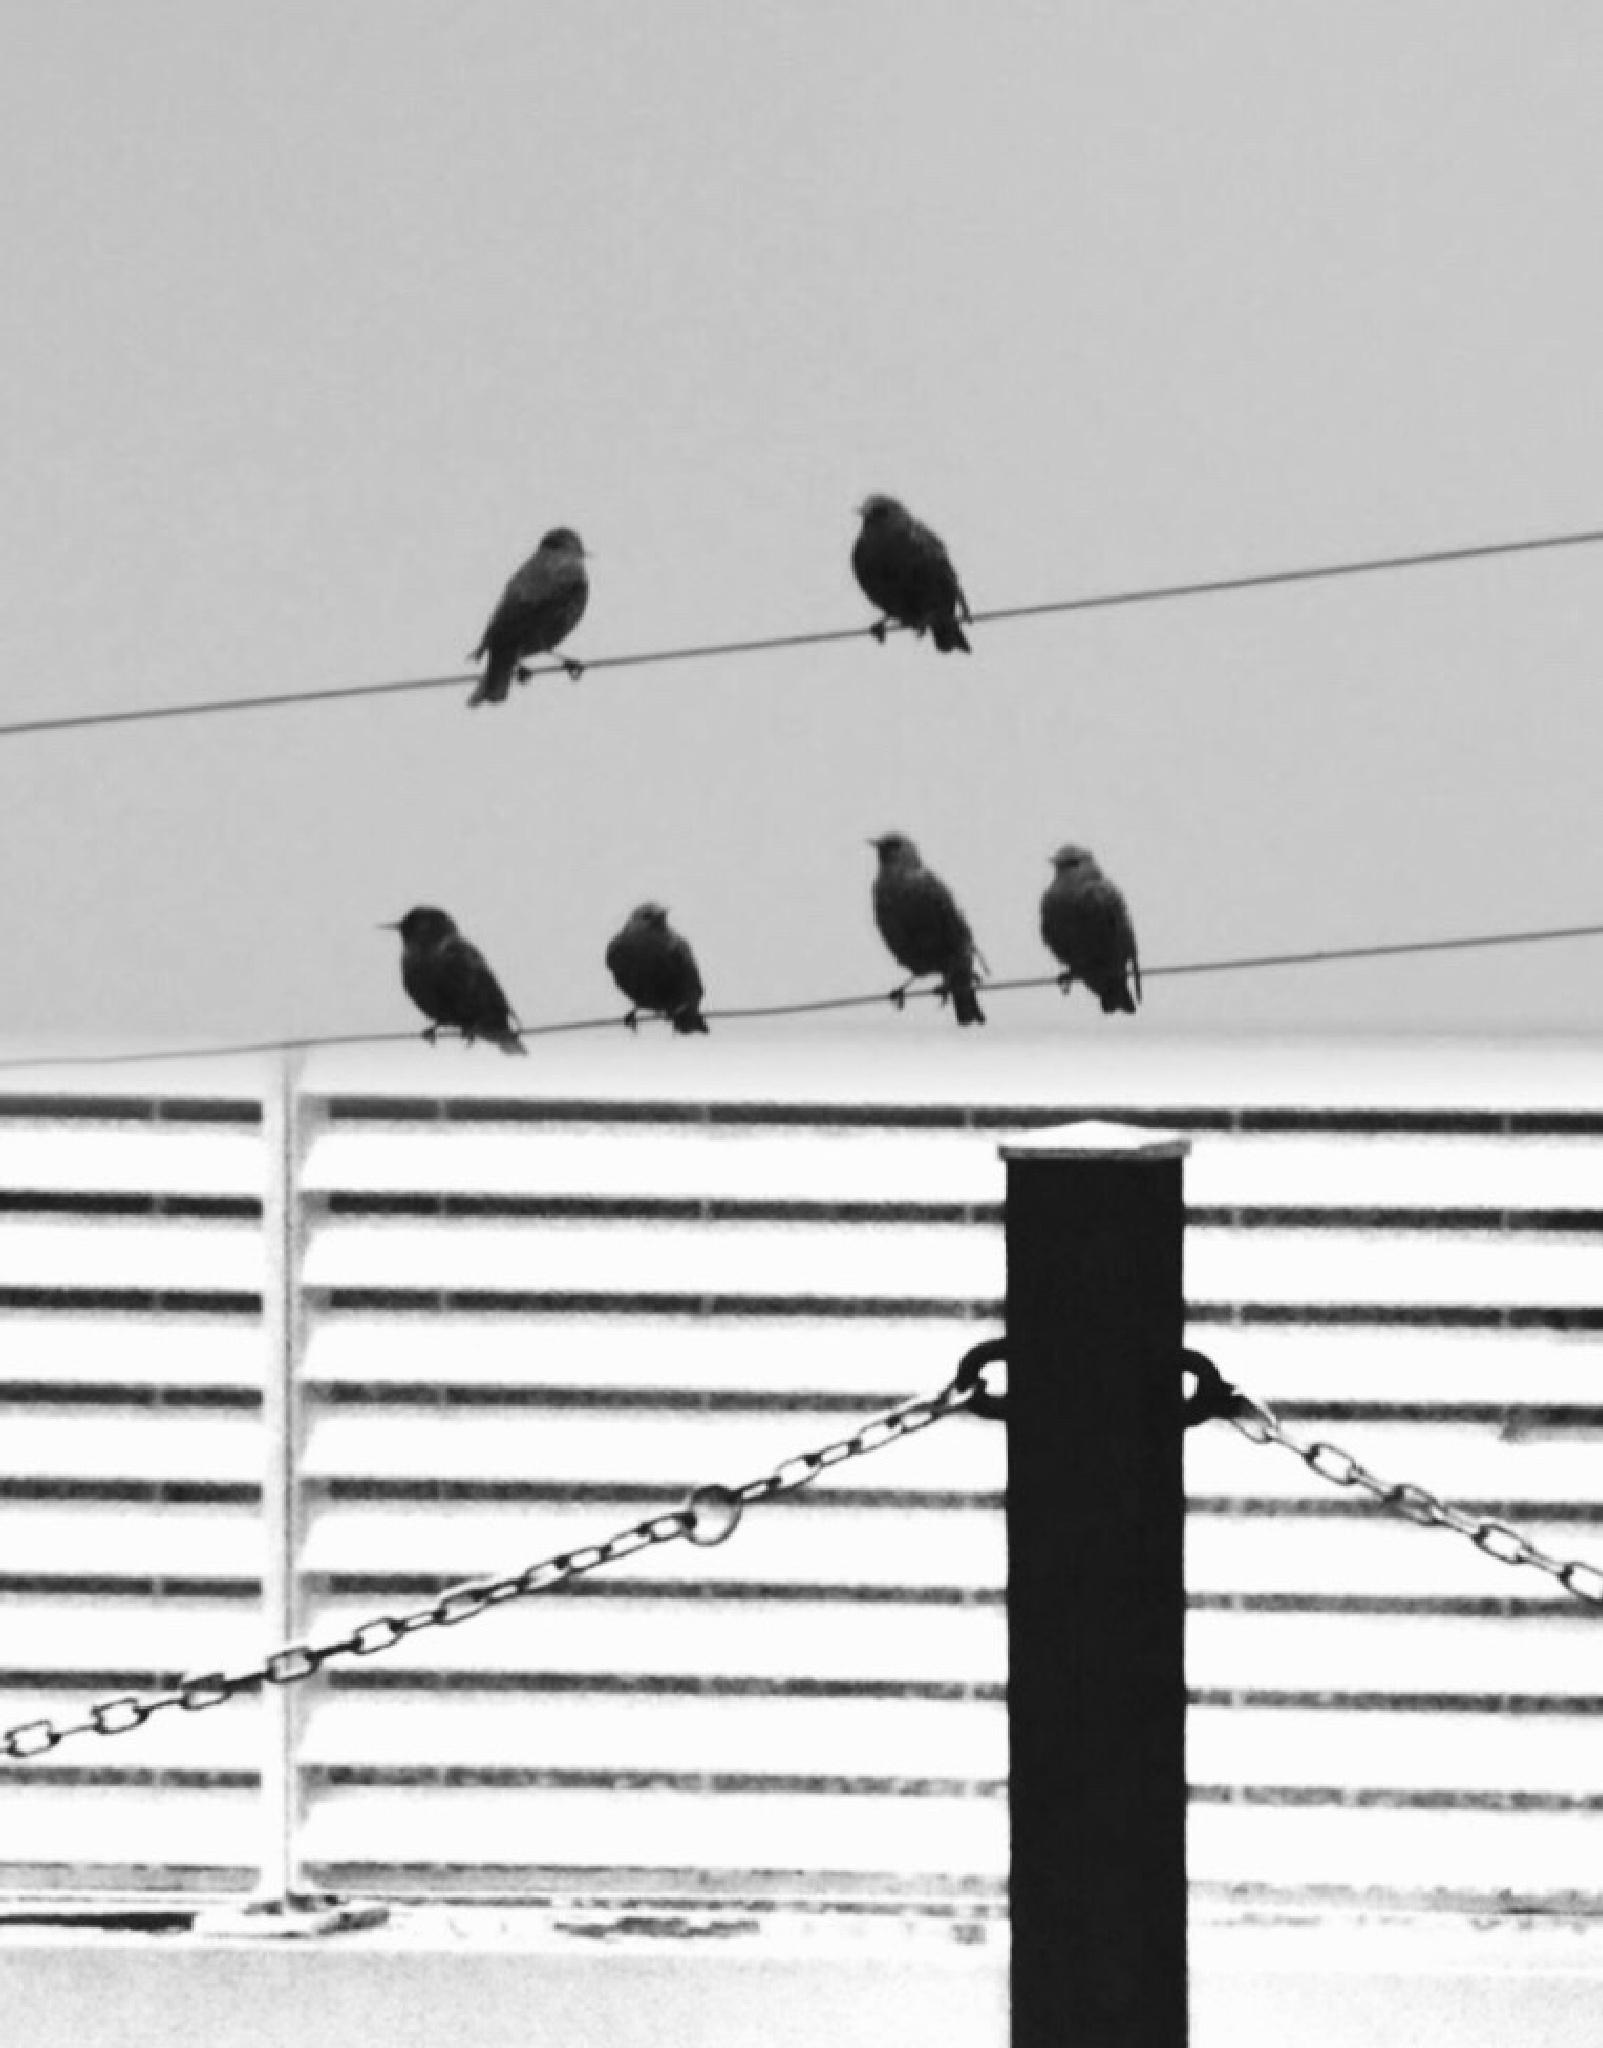 Birds in a foggy day by mirella.barteloni